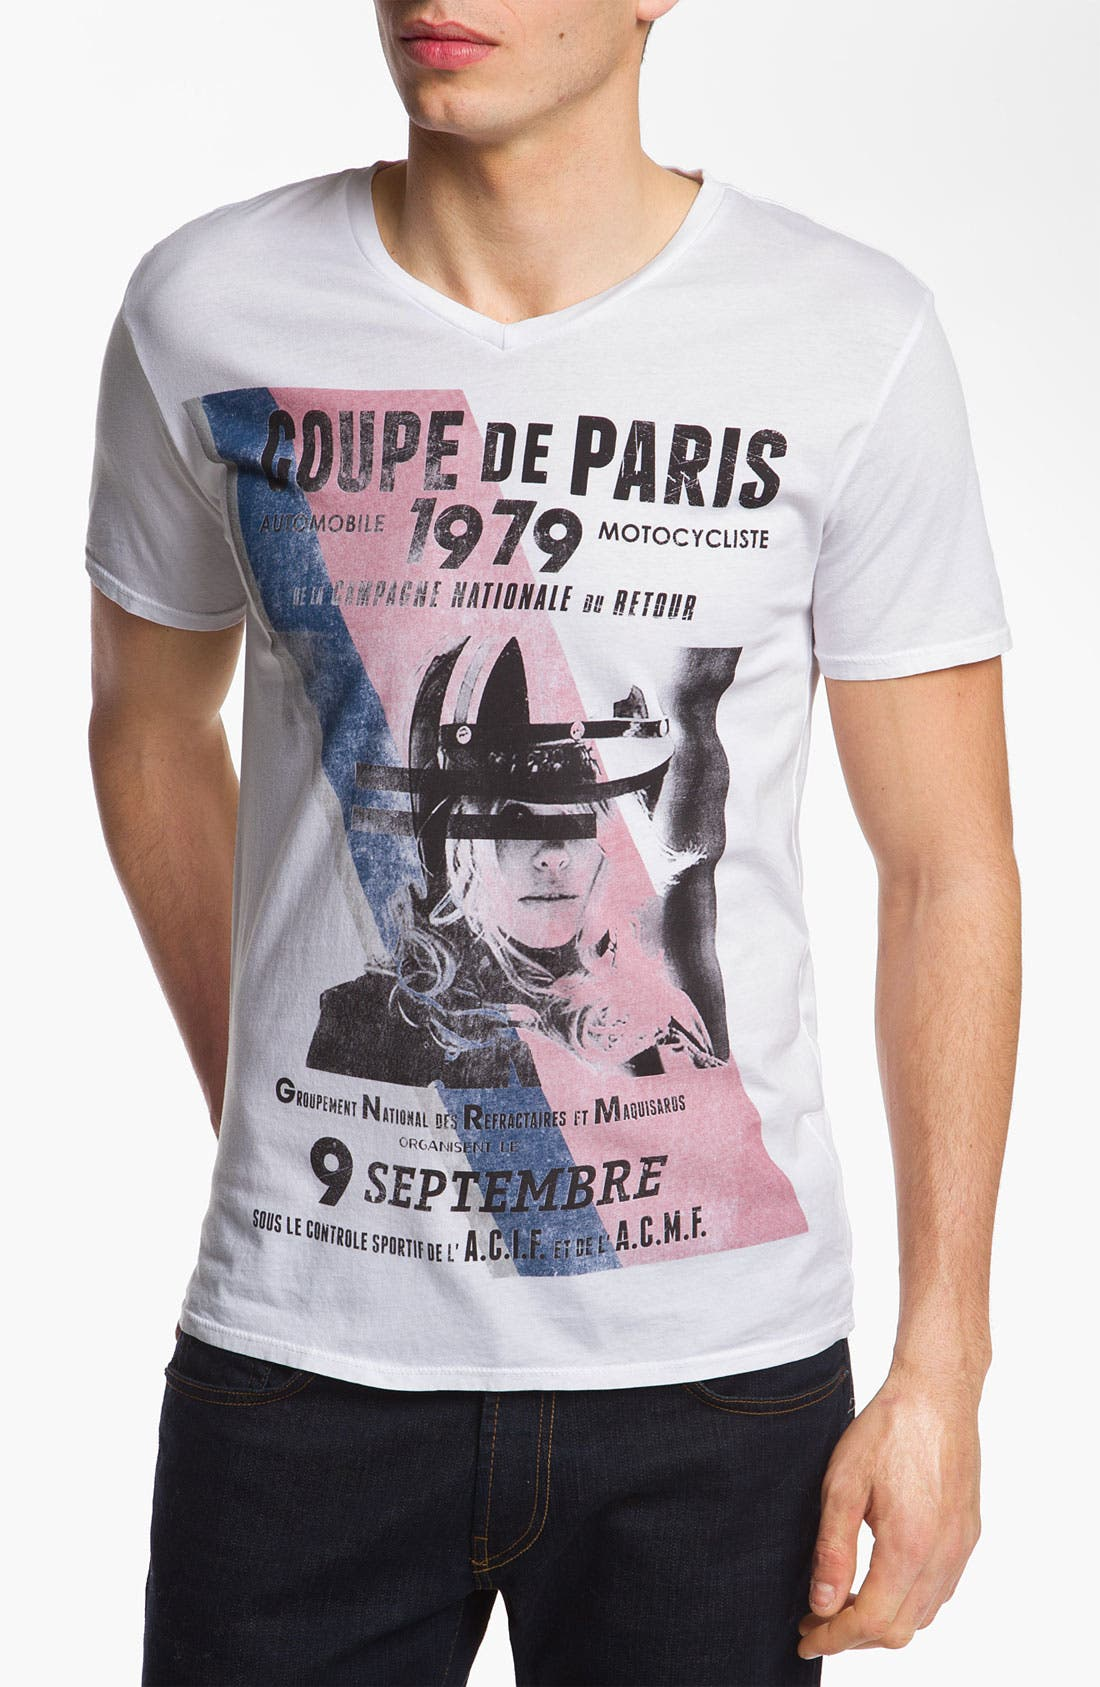 Main Image - Scott Free 'Coupe de Paris' Graphic T-Shirt